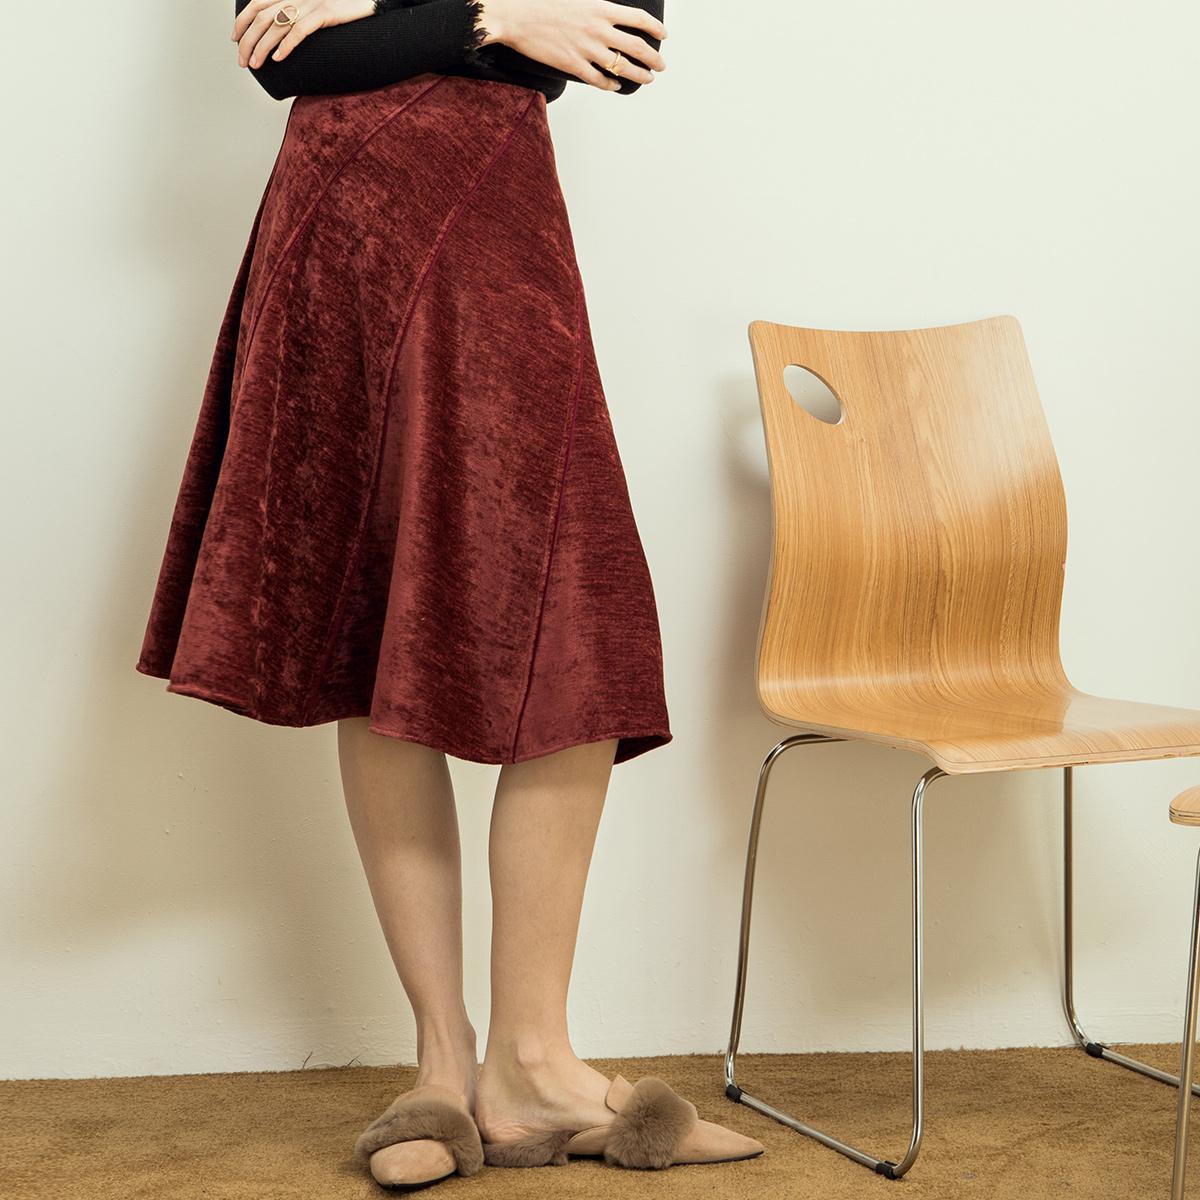 相对纶/梦/酒红色大摆丝绒半身裙秋冬 双面法国绒高腰伞裙a字裙